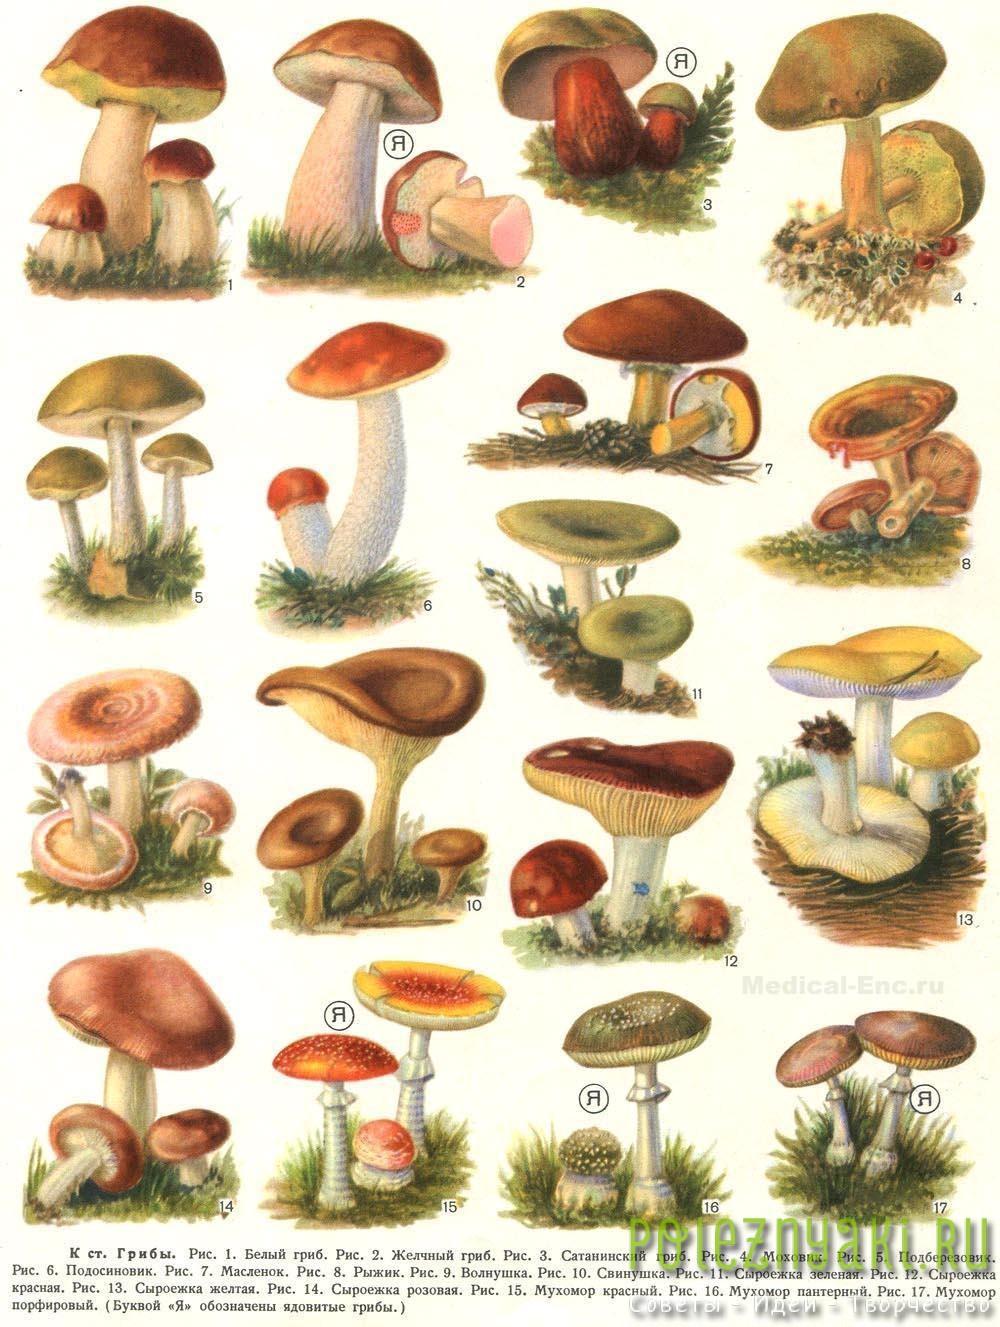 Как не перепутать съедобный гриб с ядовитым